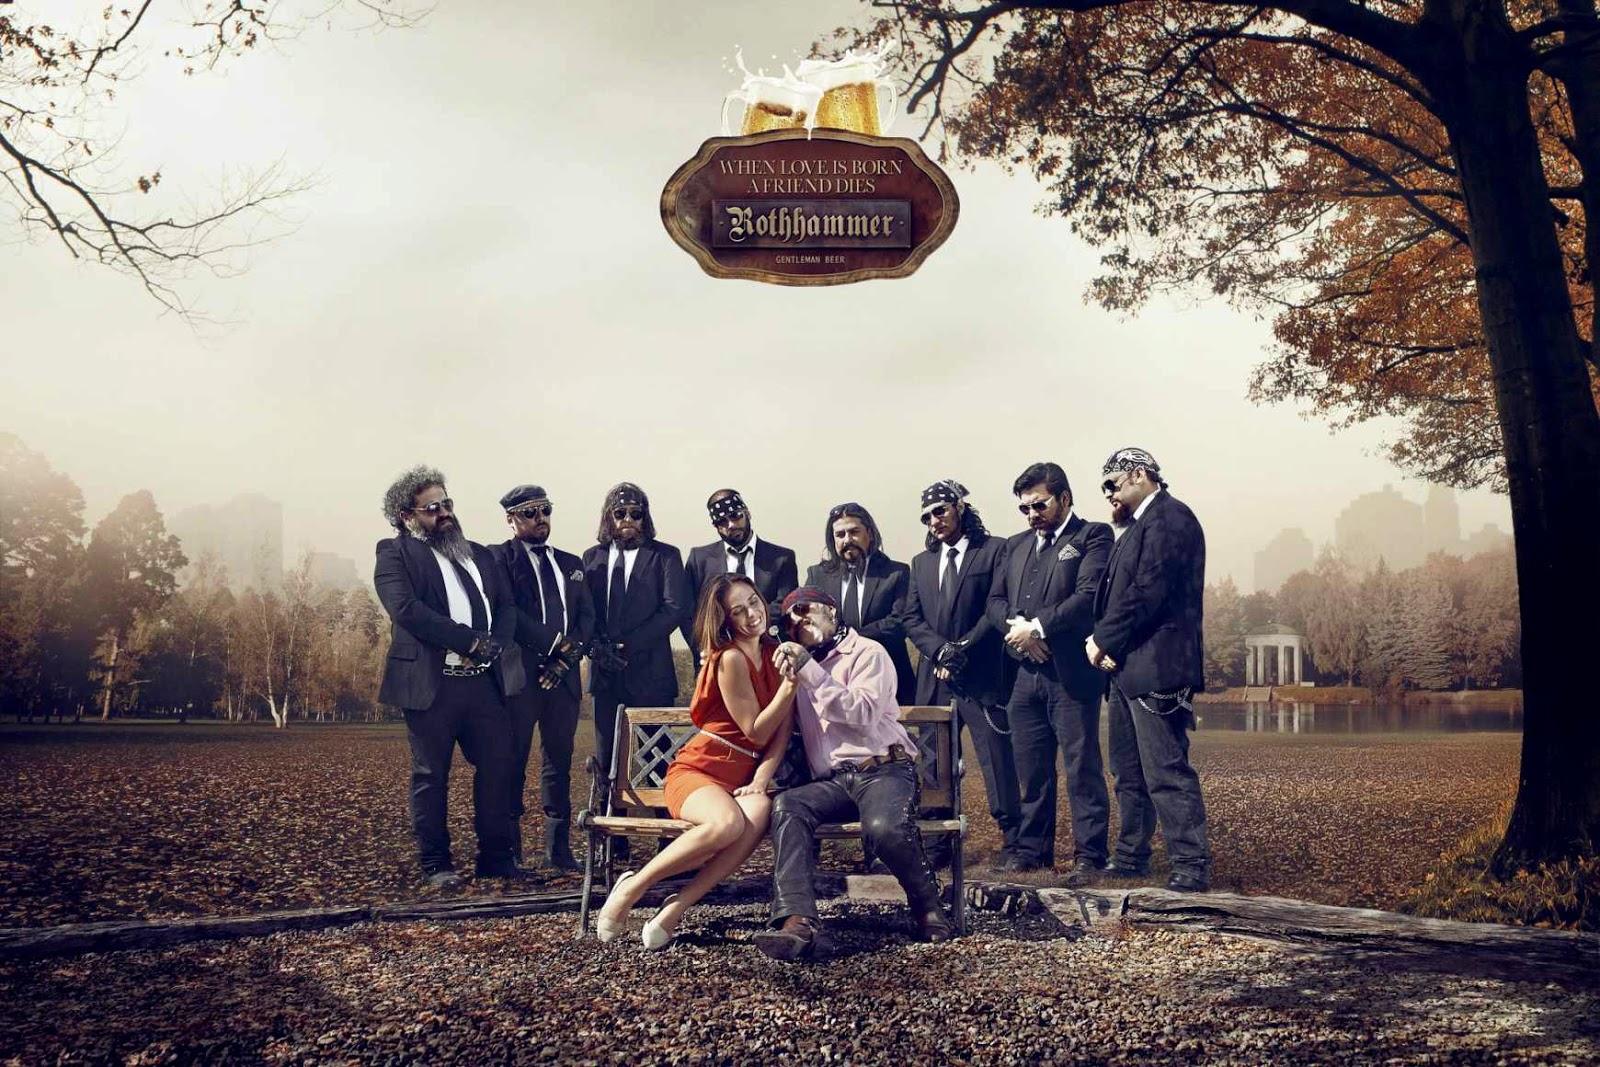 Série de propagandas da cerveja chilena Rothammer. Eles associaram o início de um namoro com a perda de um amigo. - Peça: Motoqueiros